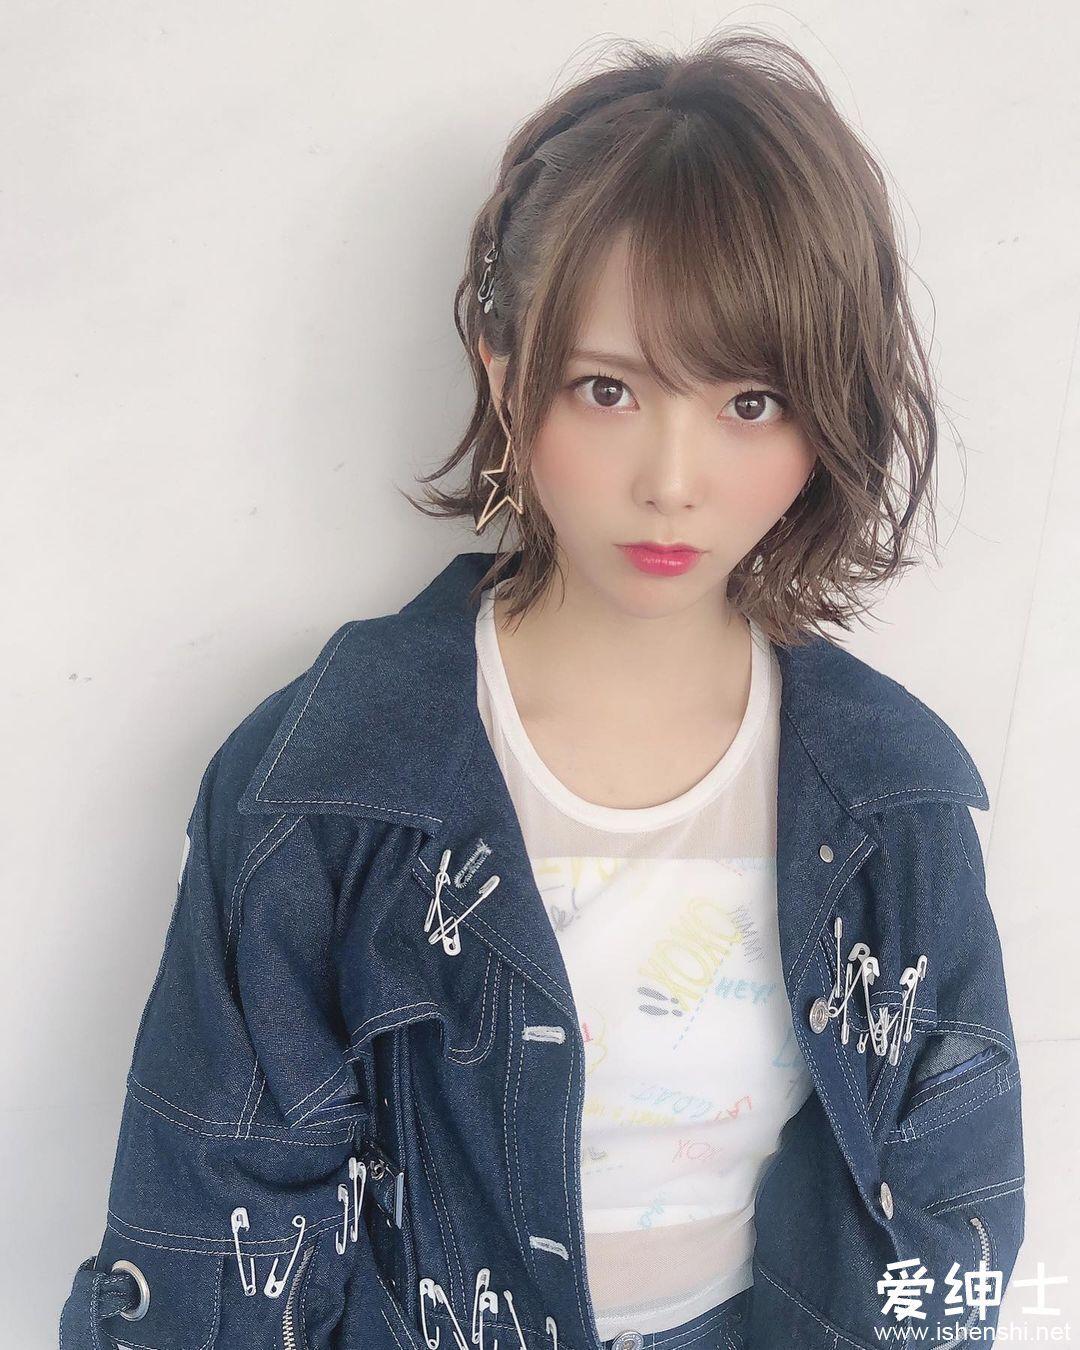 日本女团LoveCocchi成员「西村歩乃果」小清新气质好像初恋的感觉!